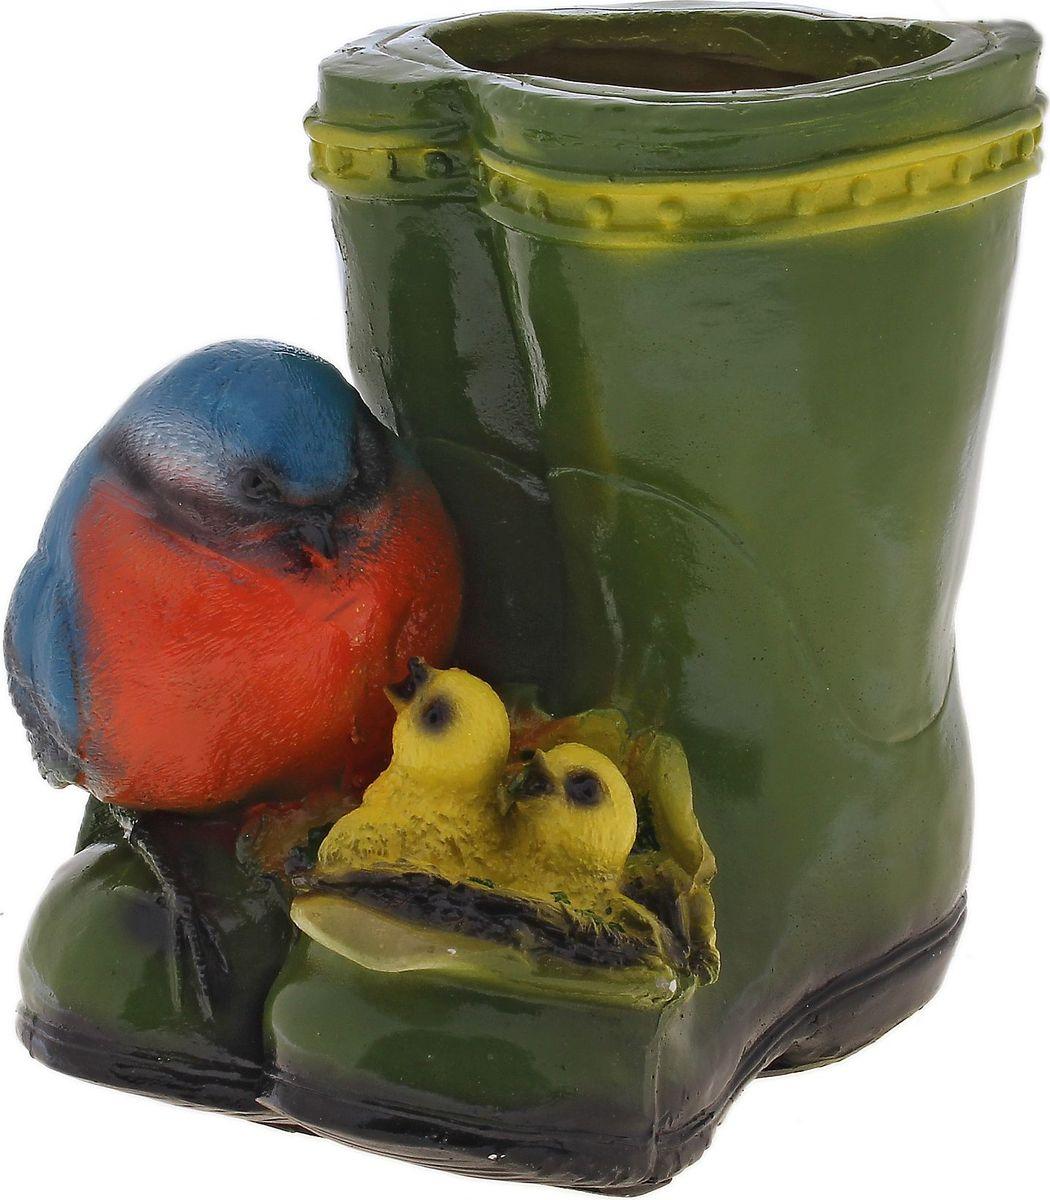 Кашпо Синички на сапоге, 18 х 14 х 20 см644541Комнатные растения — всеобщие любимцы. Они радуют глаз, насыщают помещение кислородом и украшают пространство. Каждому из растений необходим свой удобный и красивый дом. Поселите зелёного питомца в яркое и оригинальное фигурное кашпо. Выберите подходящую форму для детской, спальни, гостиной, балкона, офиса или террасы. #name# позаботится о растении, украсит окружающее пространство и подчеркнёт его оригинальный стиль.